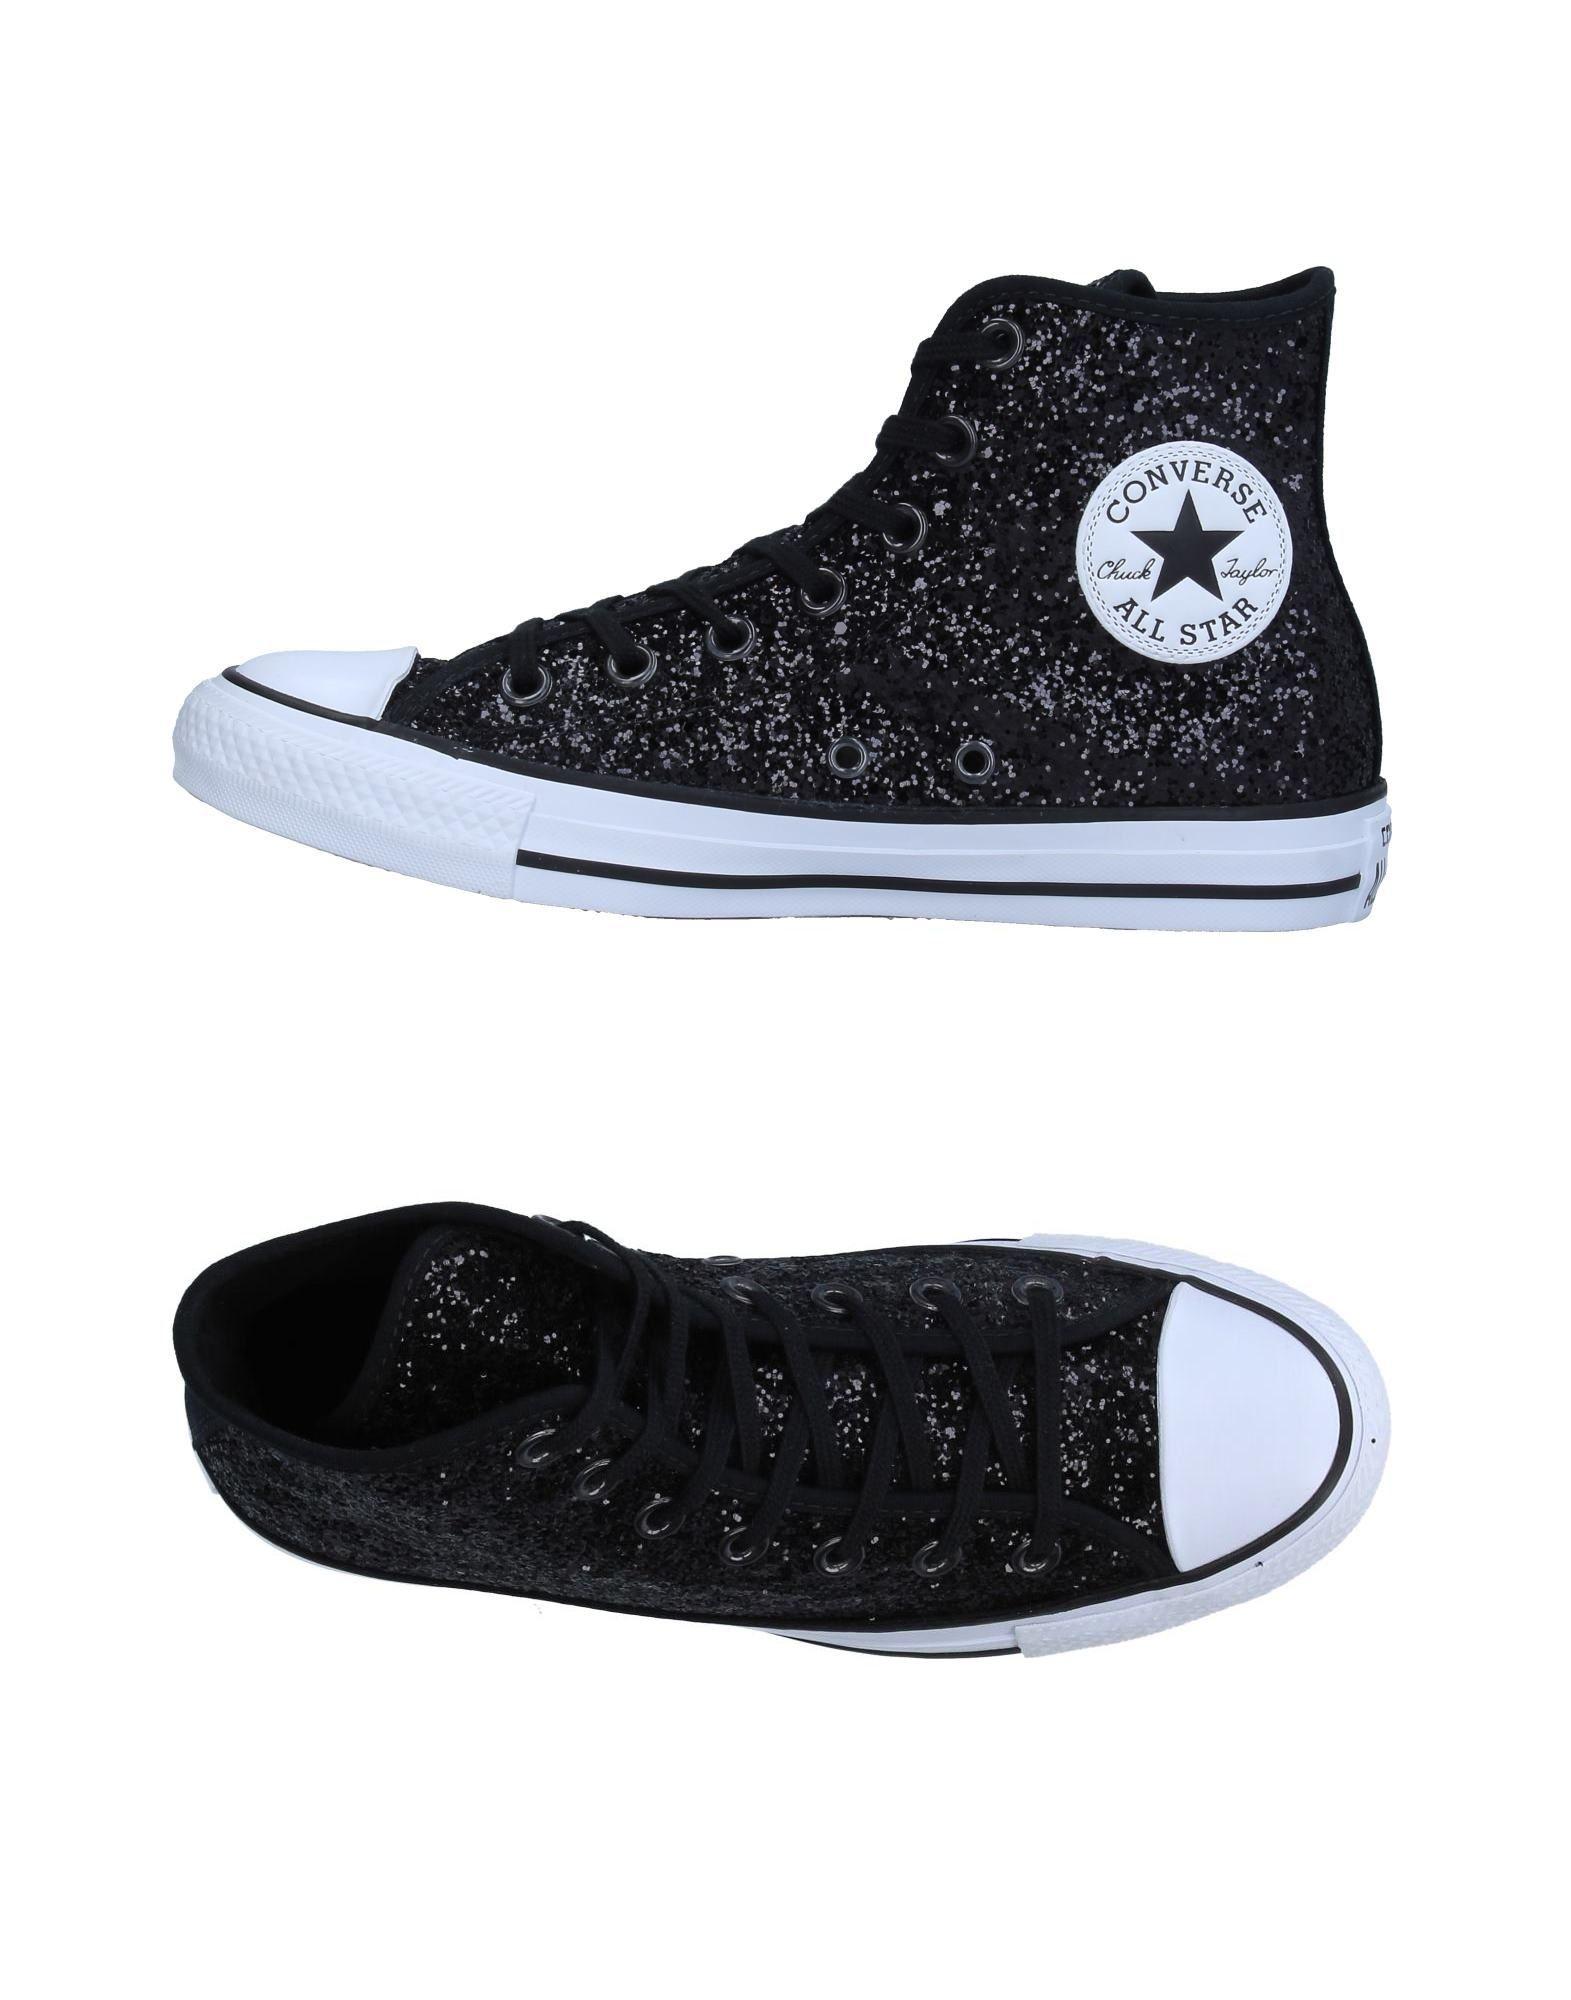 CONVERSE ALL STAR Высокие кеды и кроссовки pierre hardy высокие кеды и кроссовки